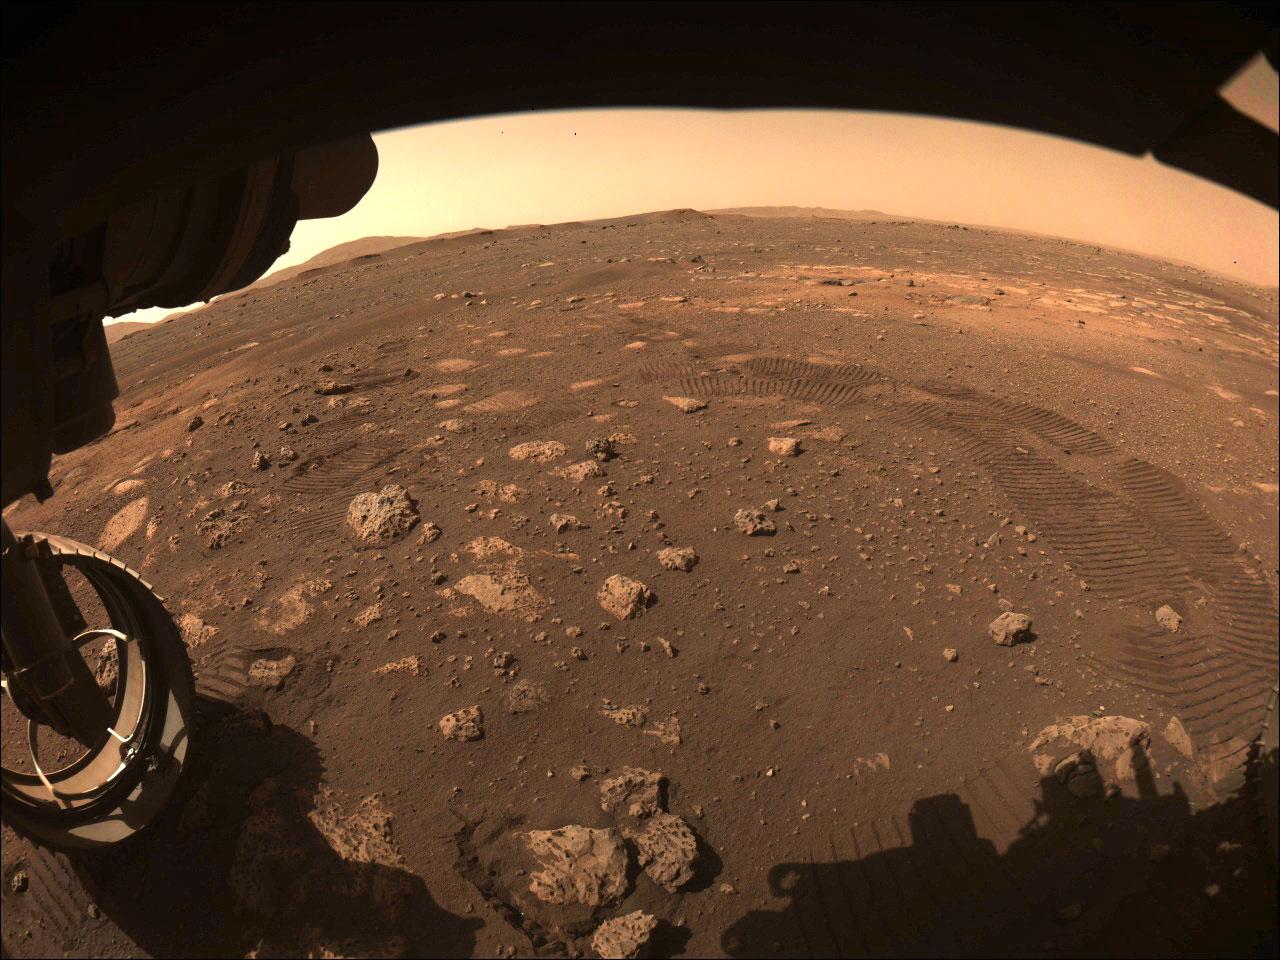 Perseverance se mueve en Marte por primera vez: dando un paseo por «Octavia  E. Butler» - Eureka